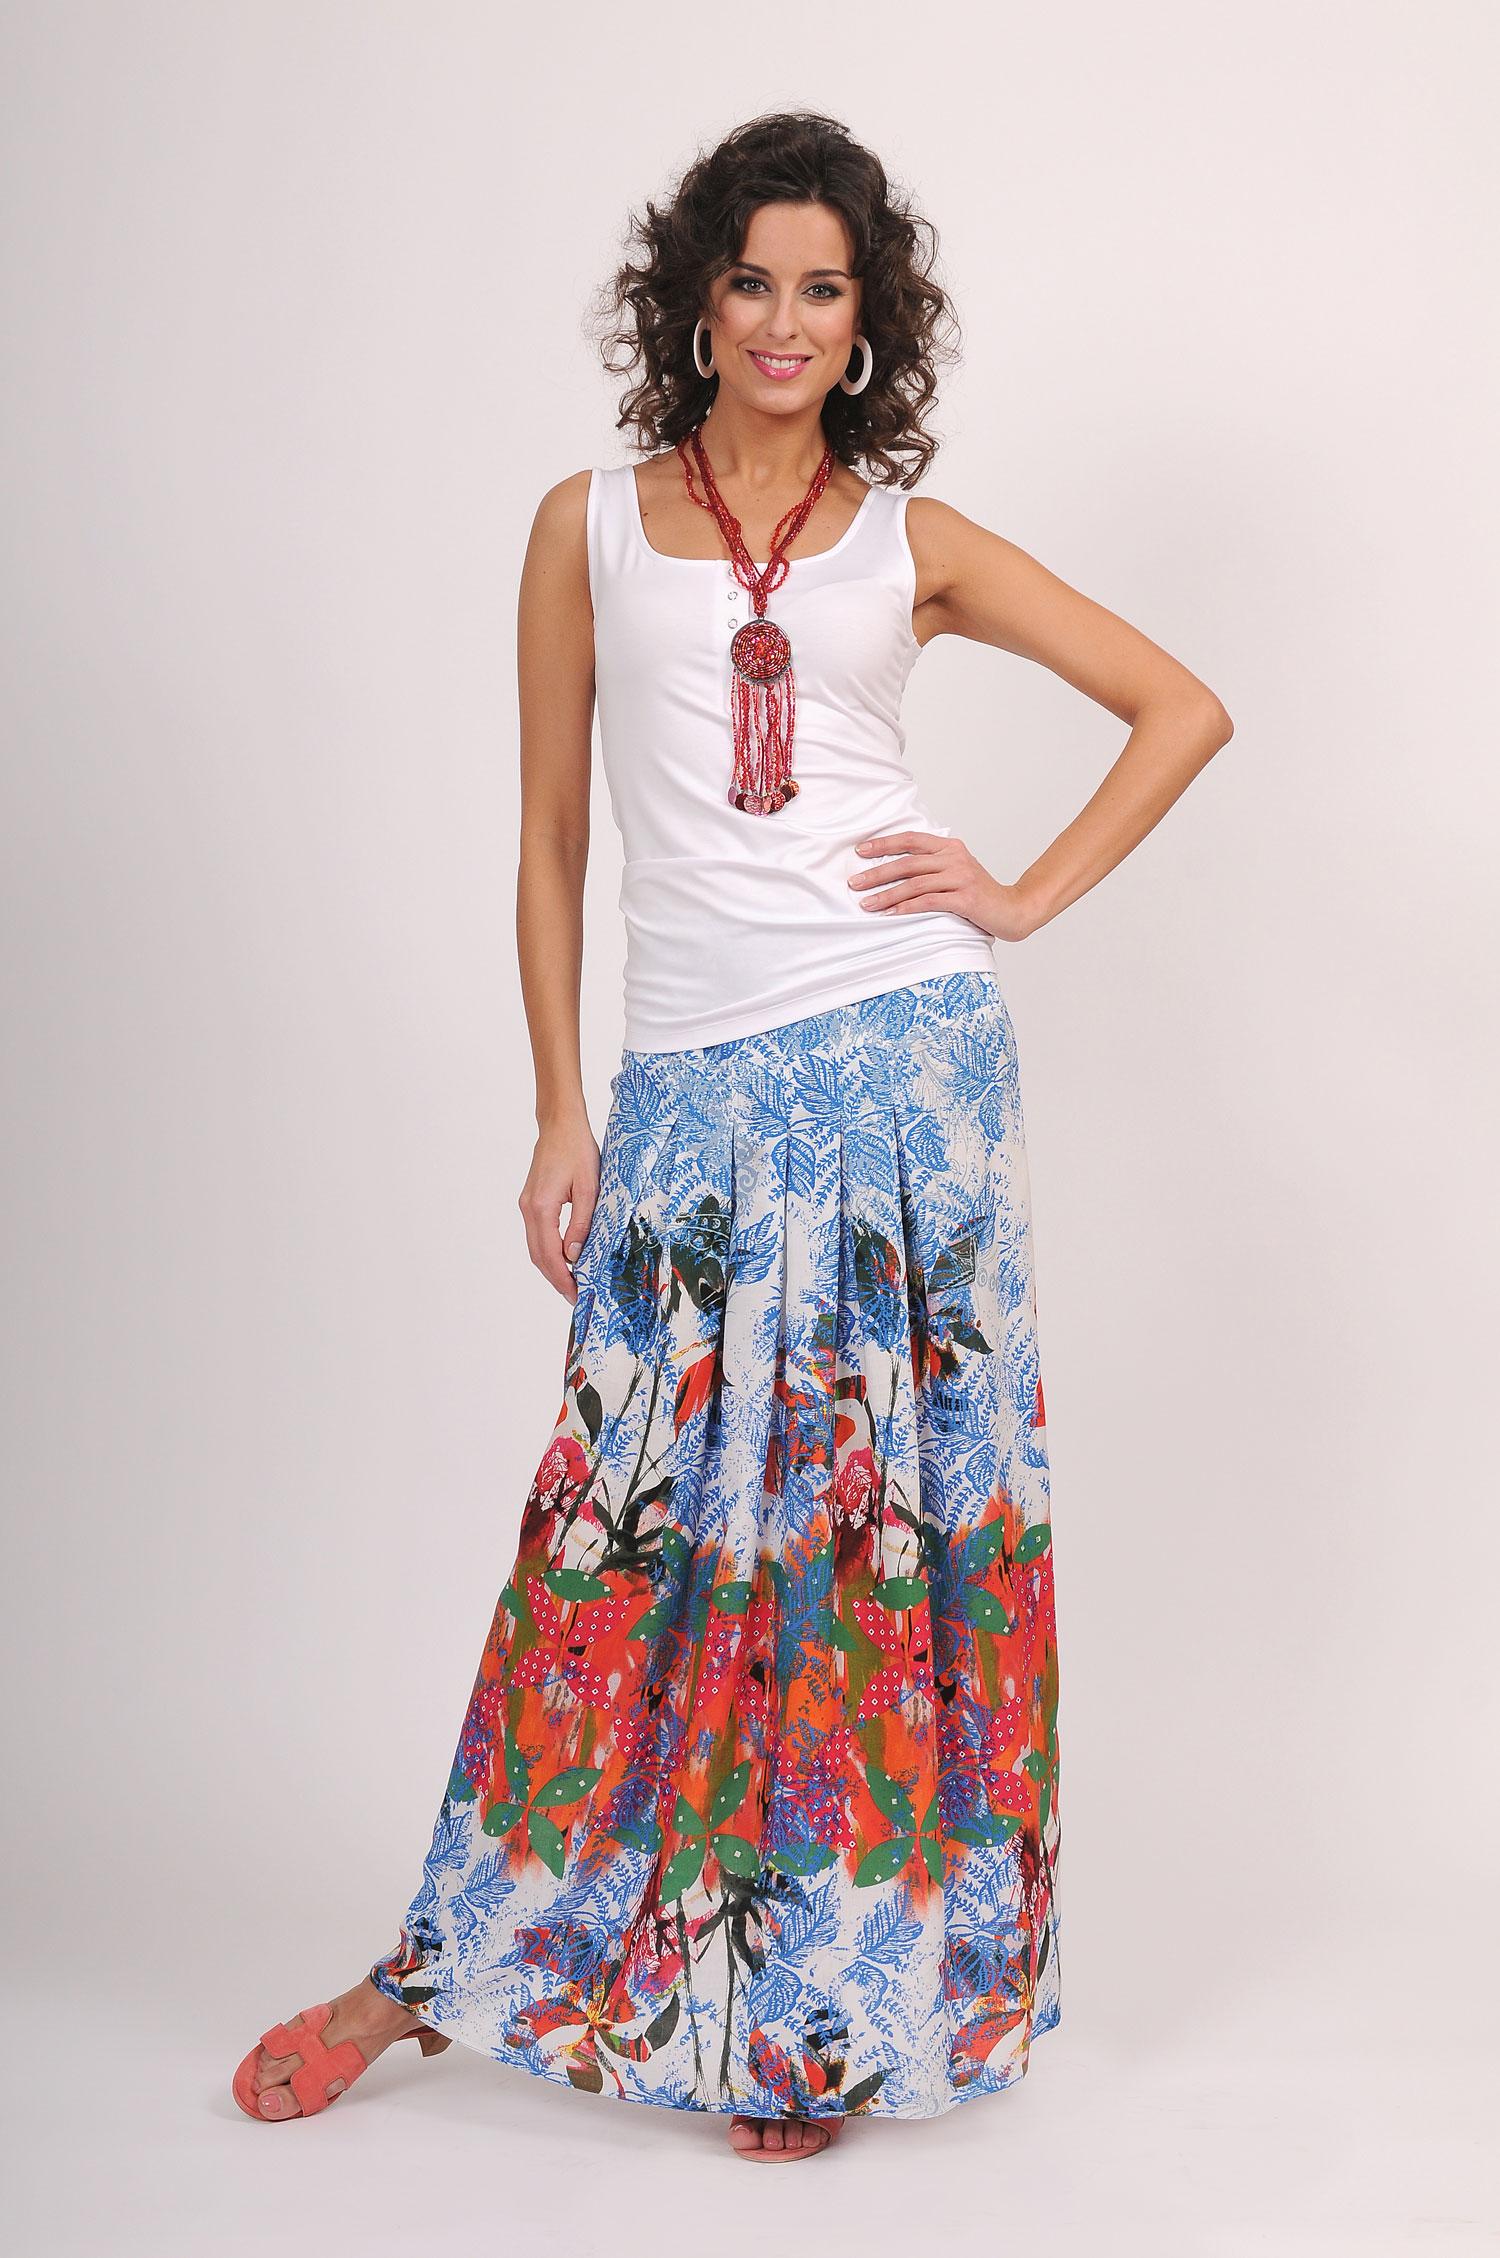 В#миn@-c)т) популярная женская одежда демократичного ценового сегмента от знаменитого дома моды класса люкс.Распродажа